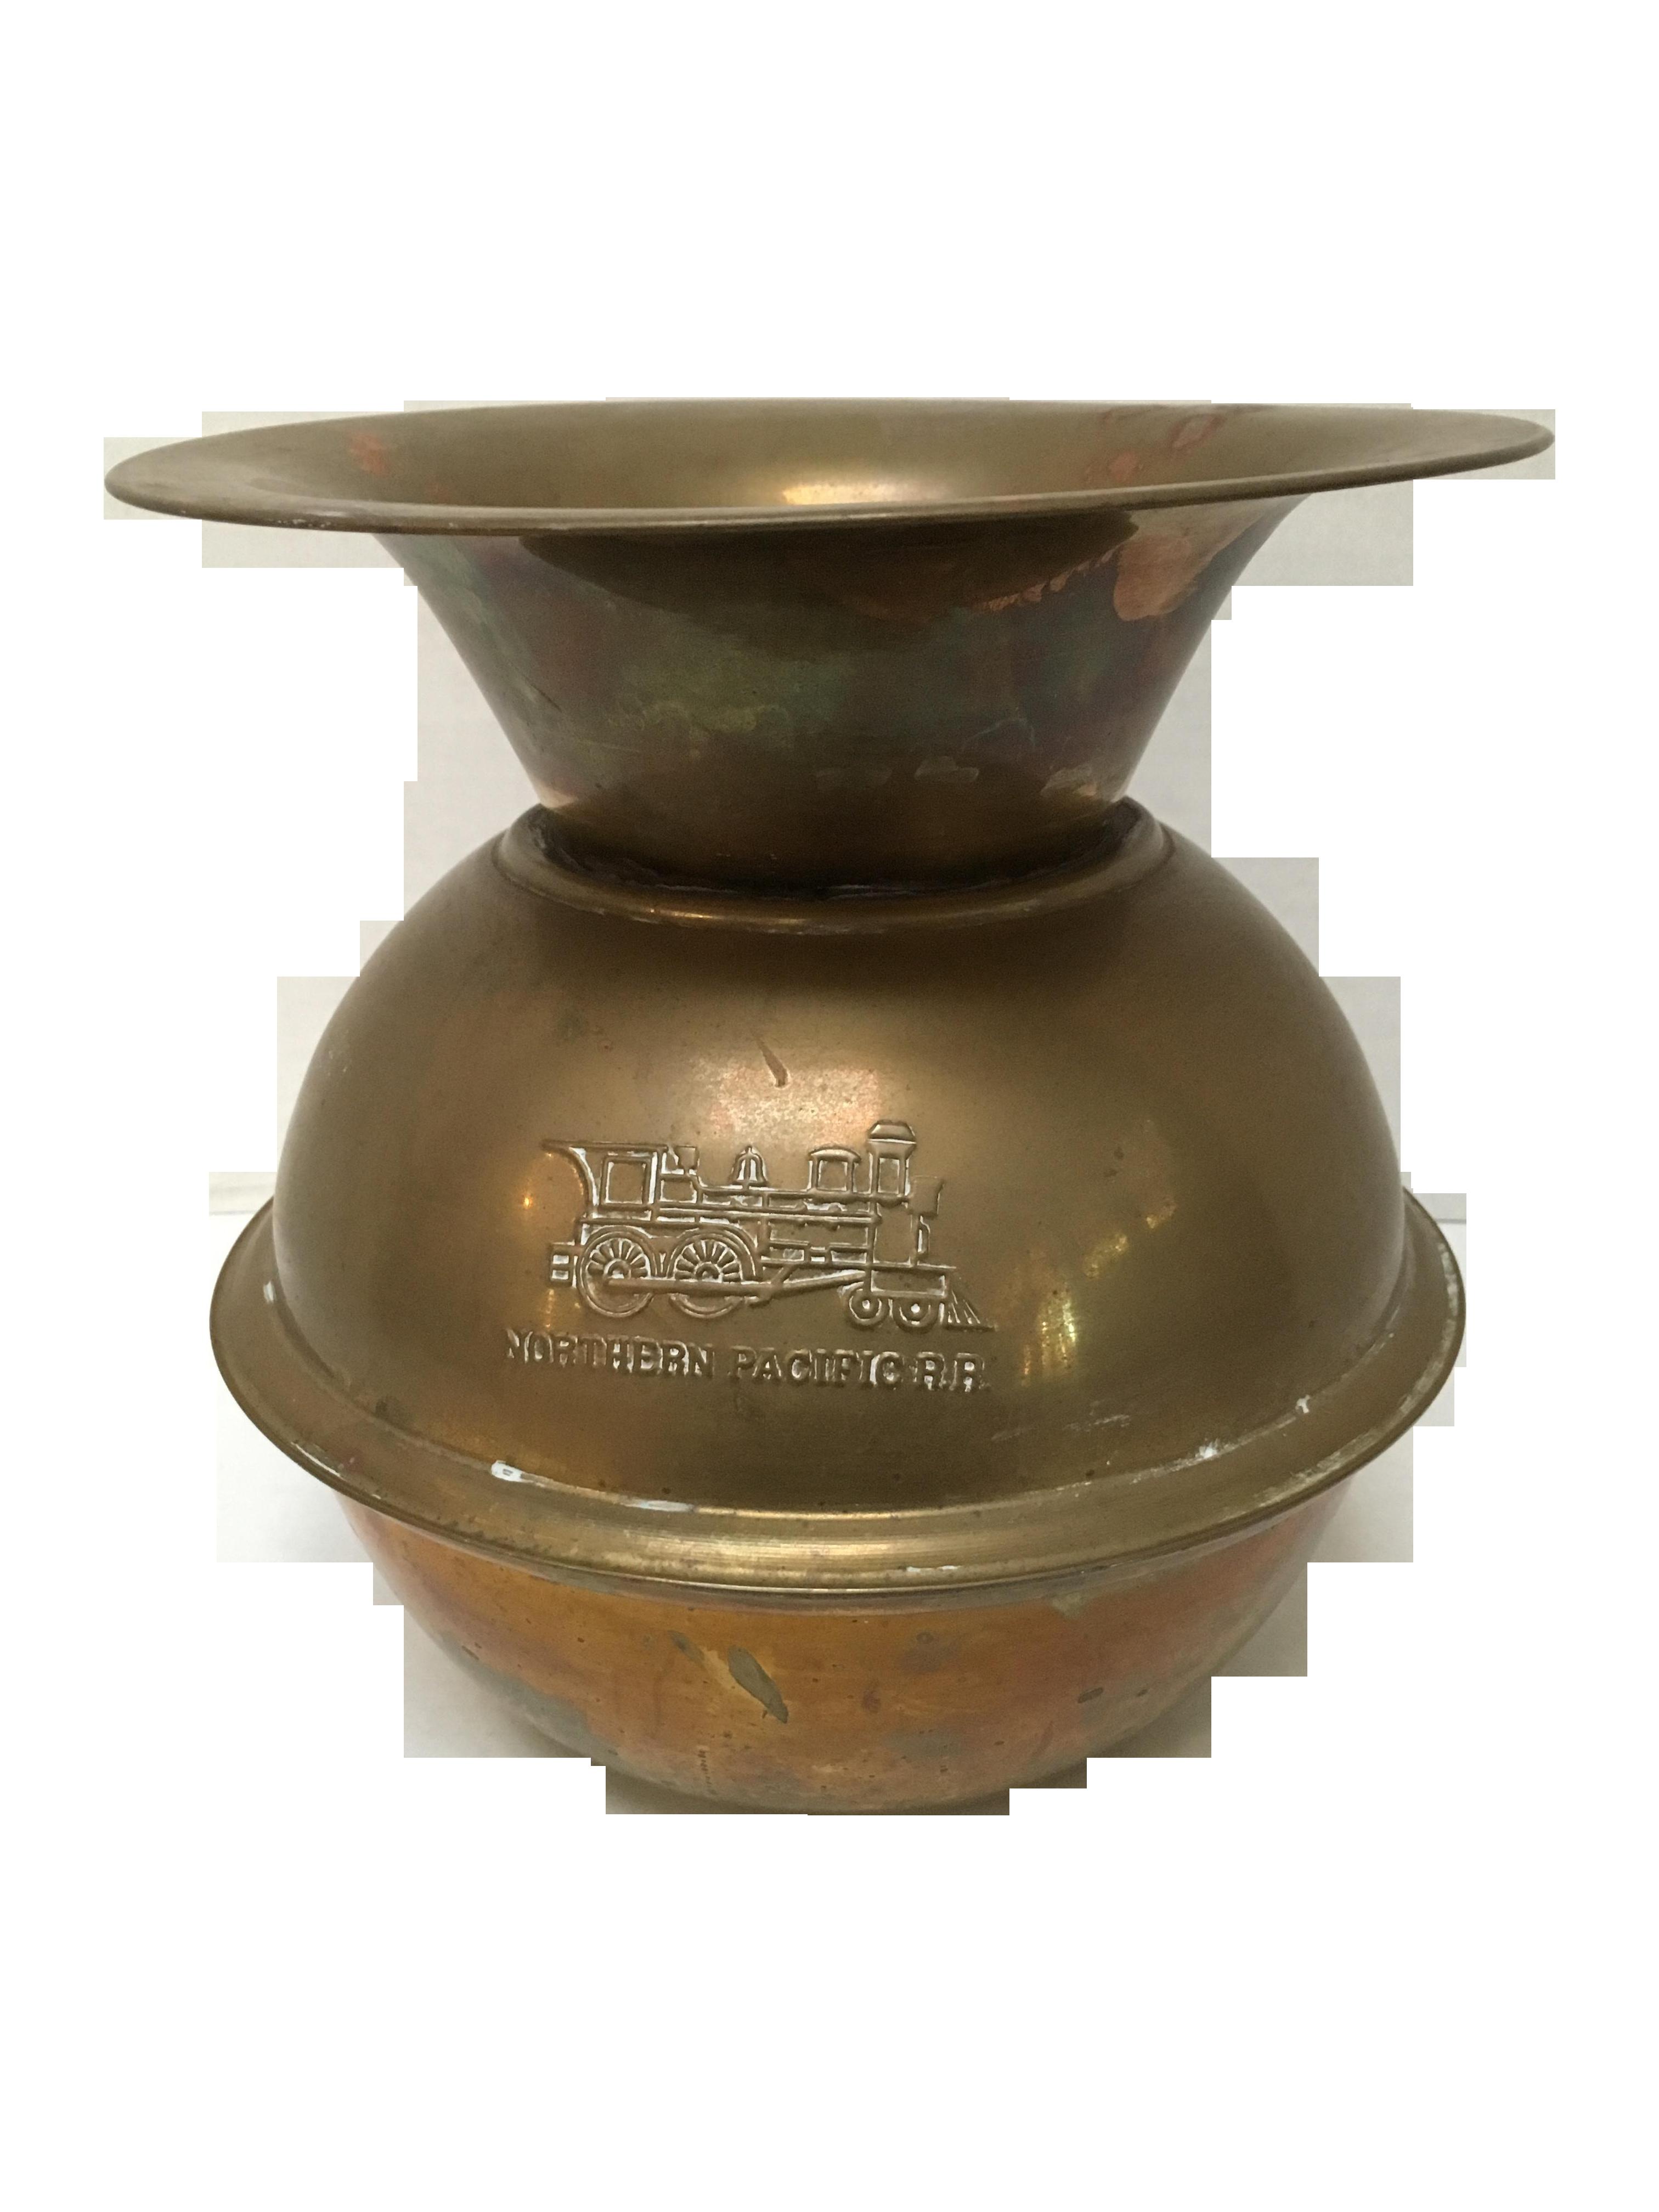 Vintage Brass Northern Pacific R R Spittoon Chairish